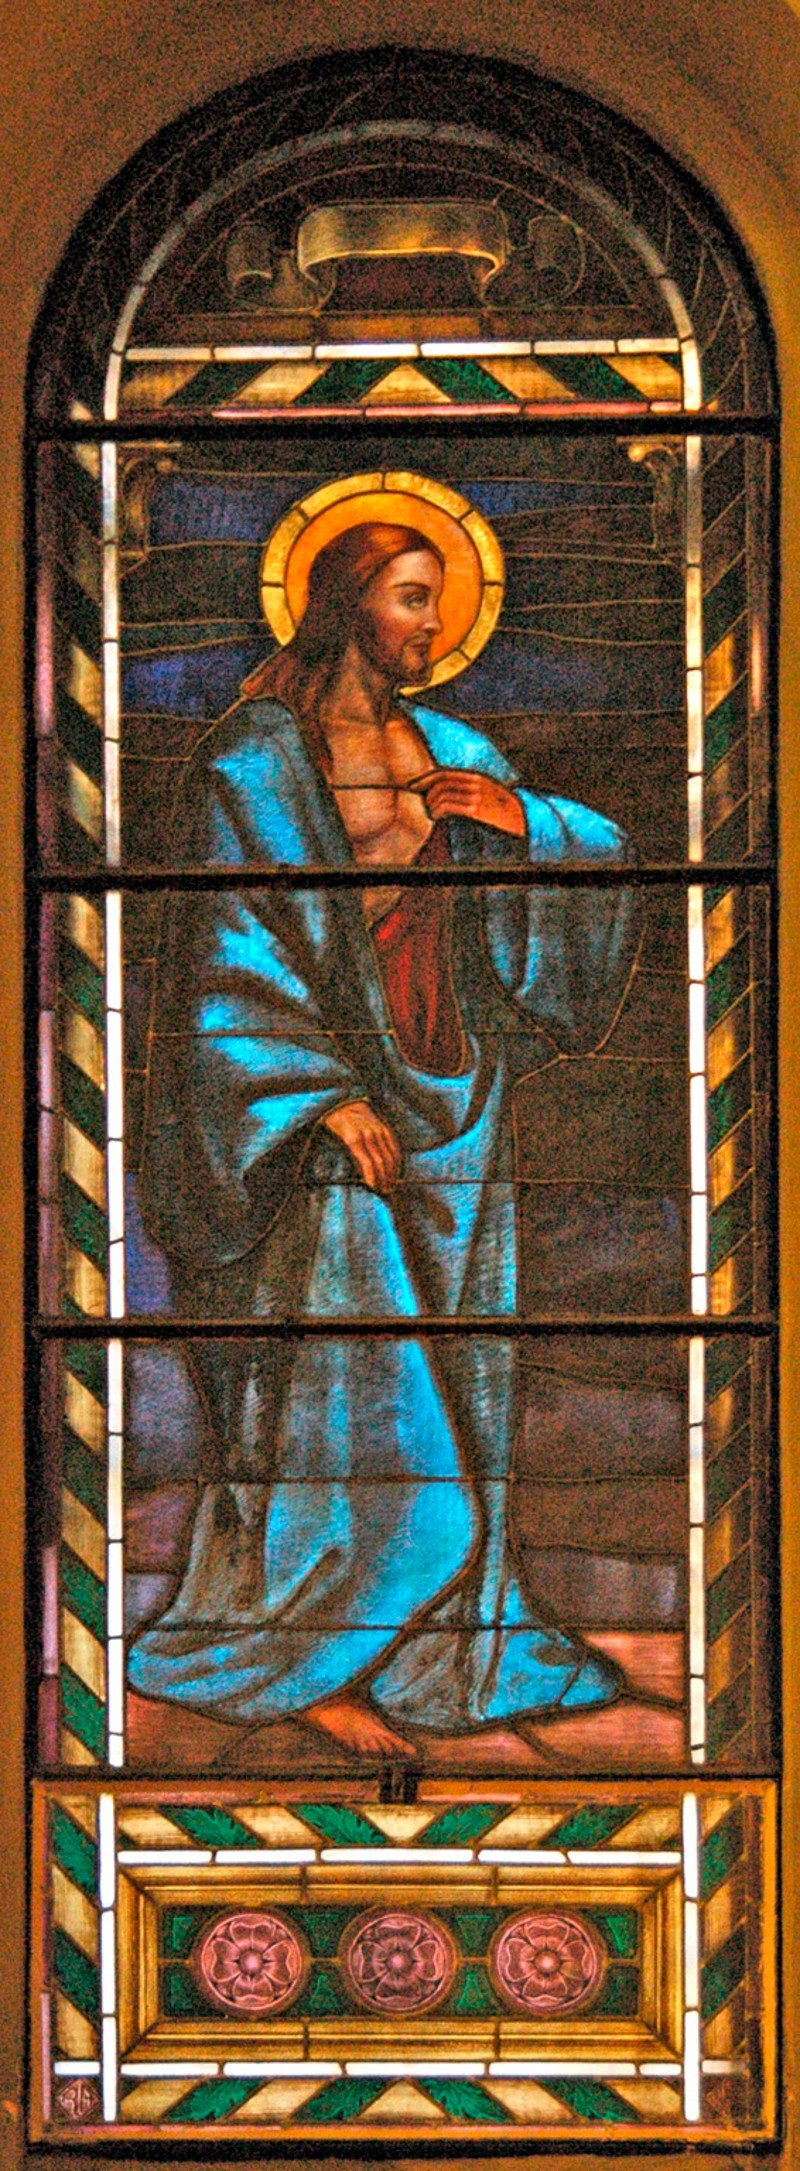 Albertella R. (1950), Gesù mostra la ferita sul costato